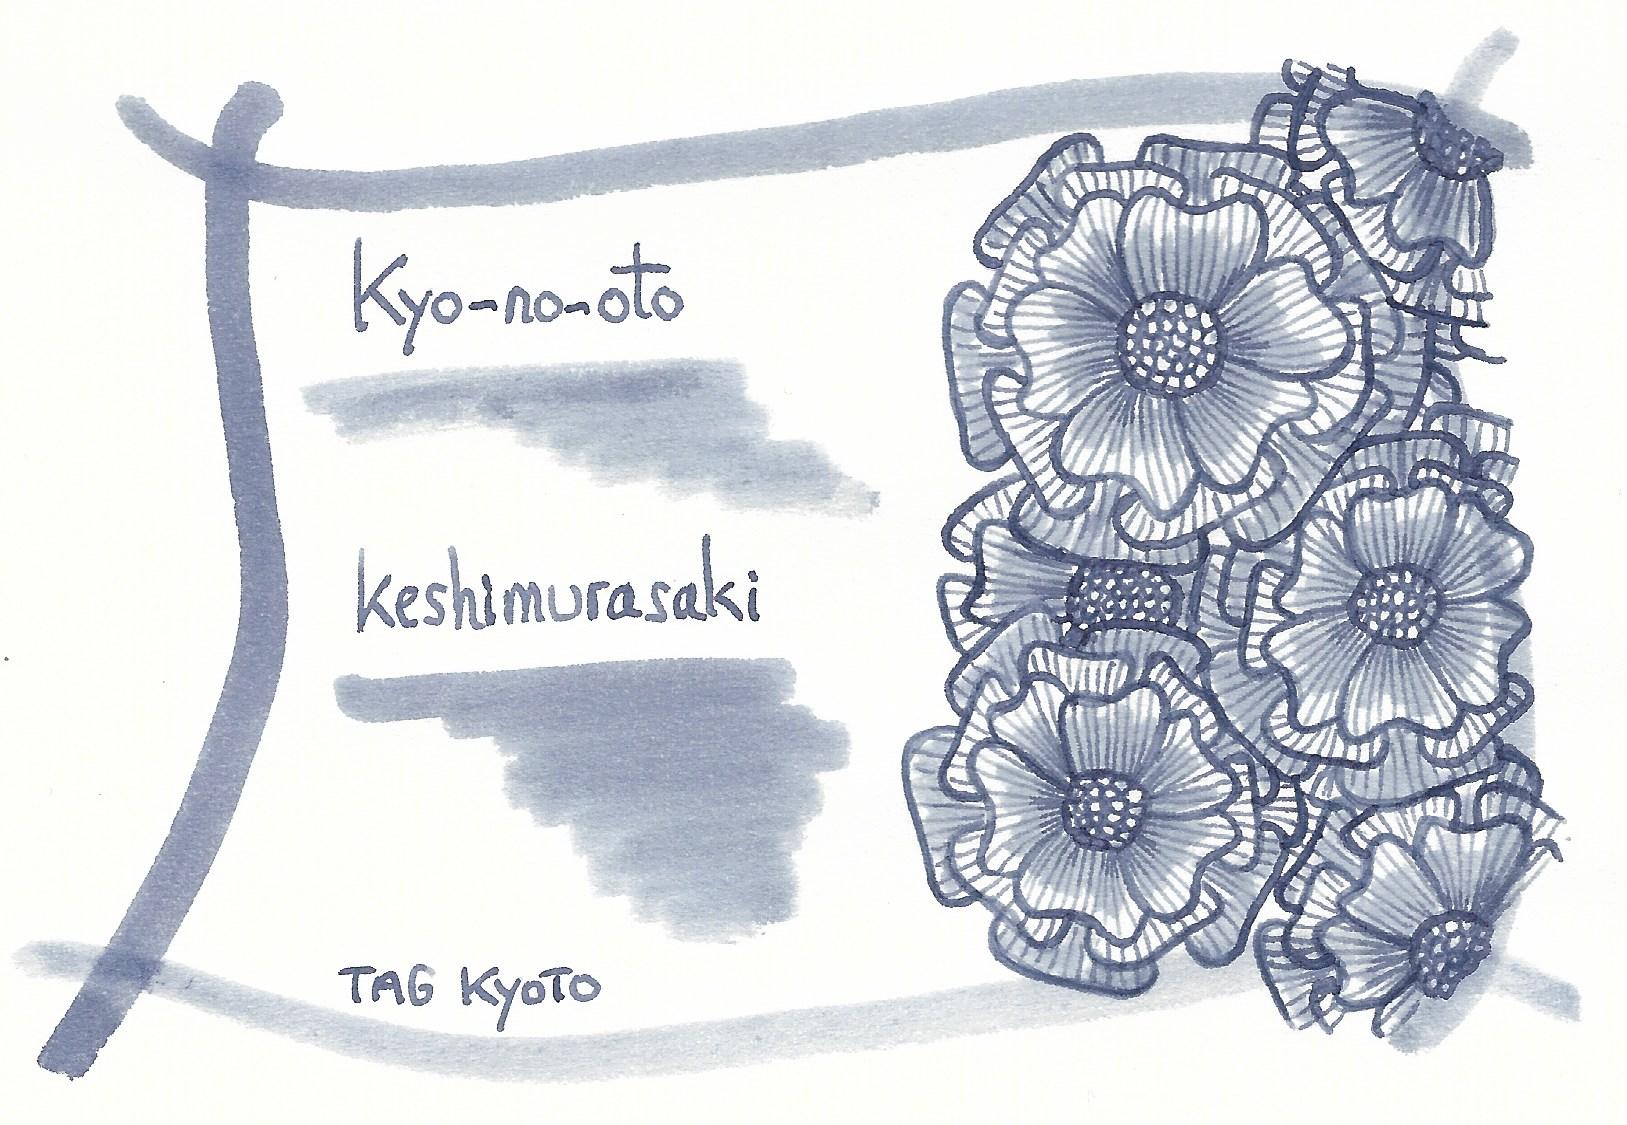 fpn_1582318131__kyo-no-oto_-_keshimurasa